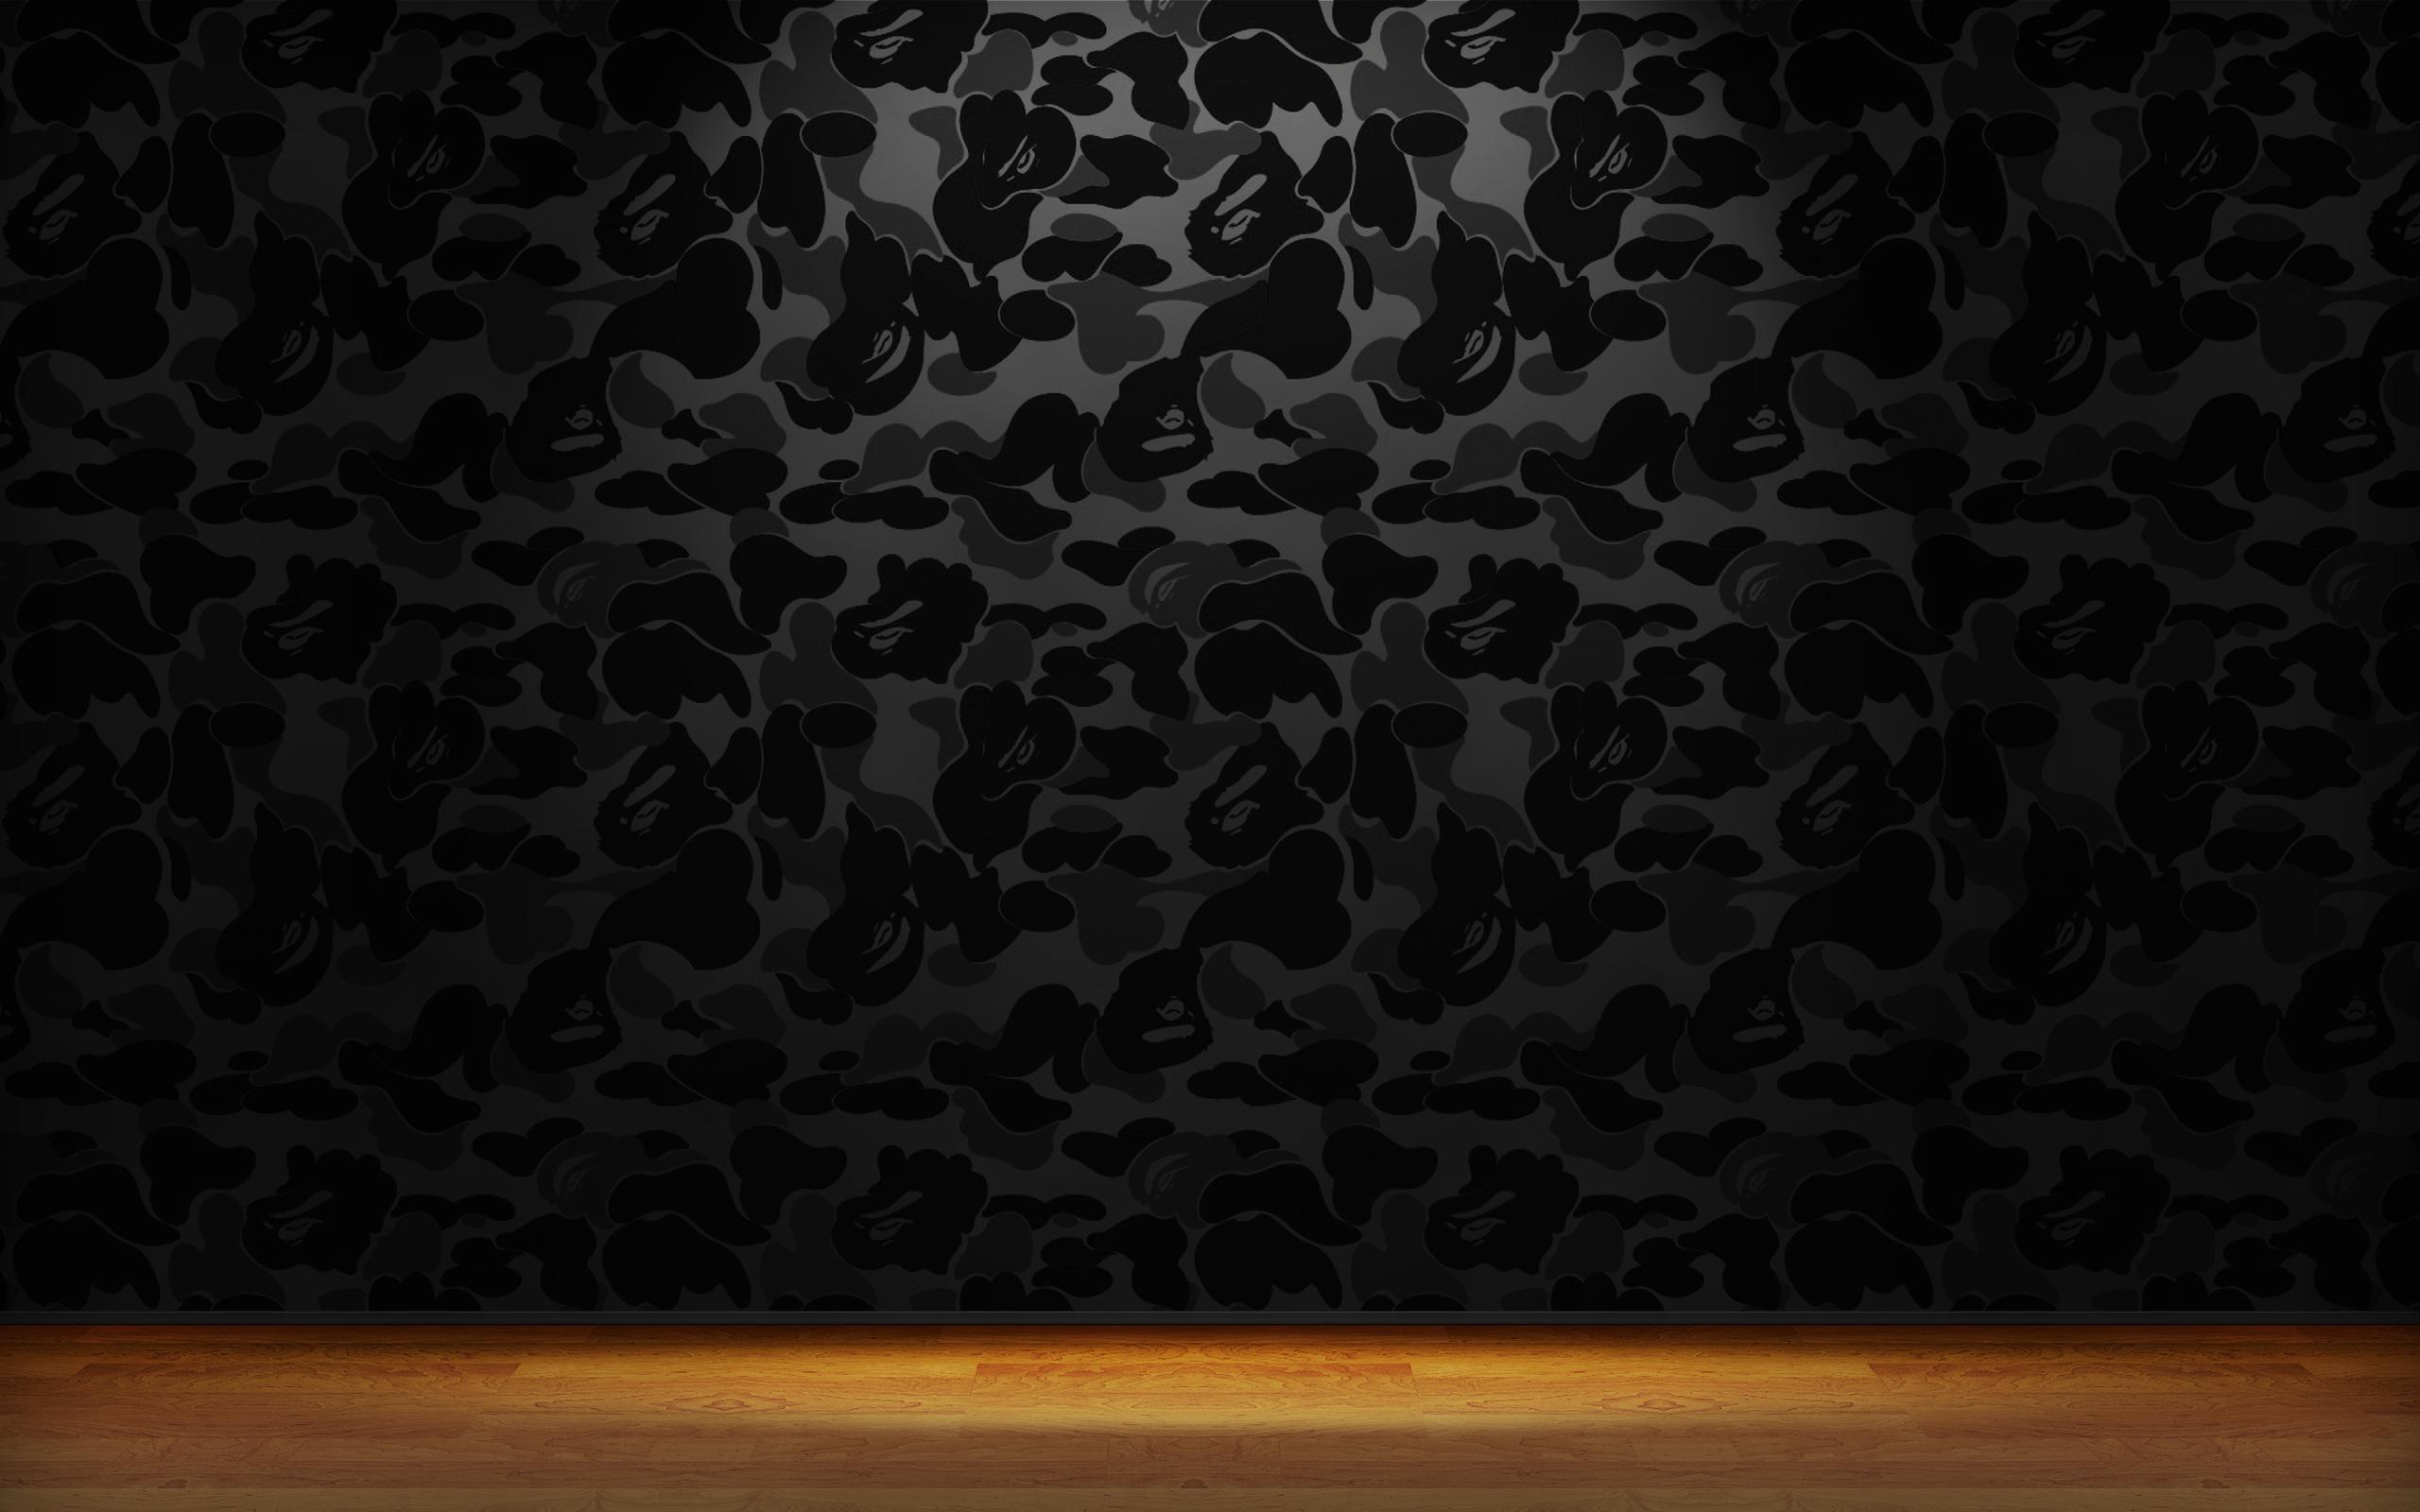 Bape Shark Wallpaper - WallpaperSafari